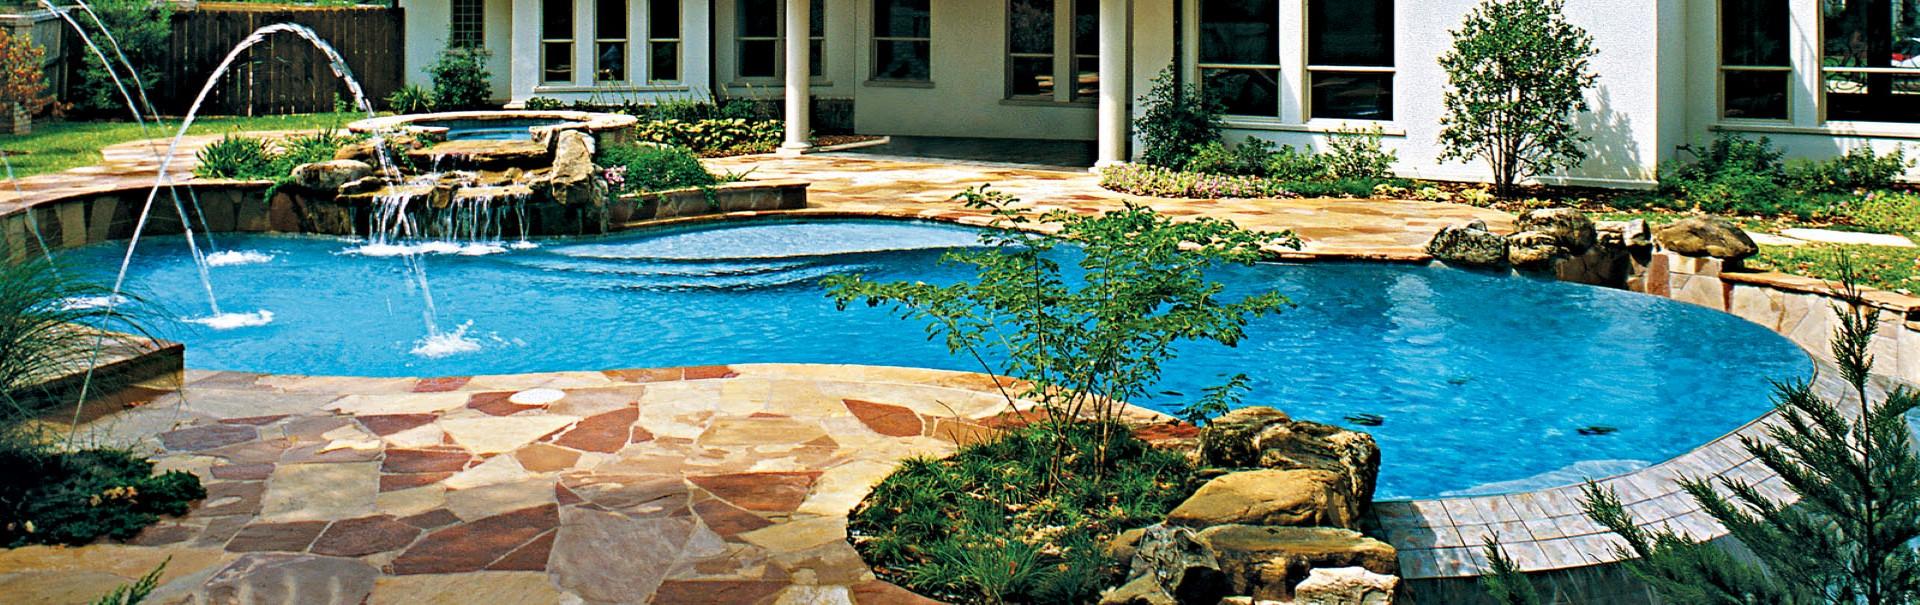 Tyler-inground-pool